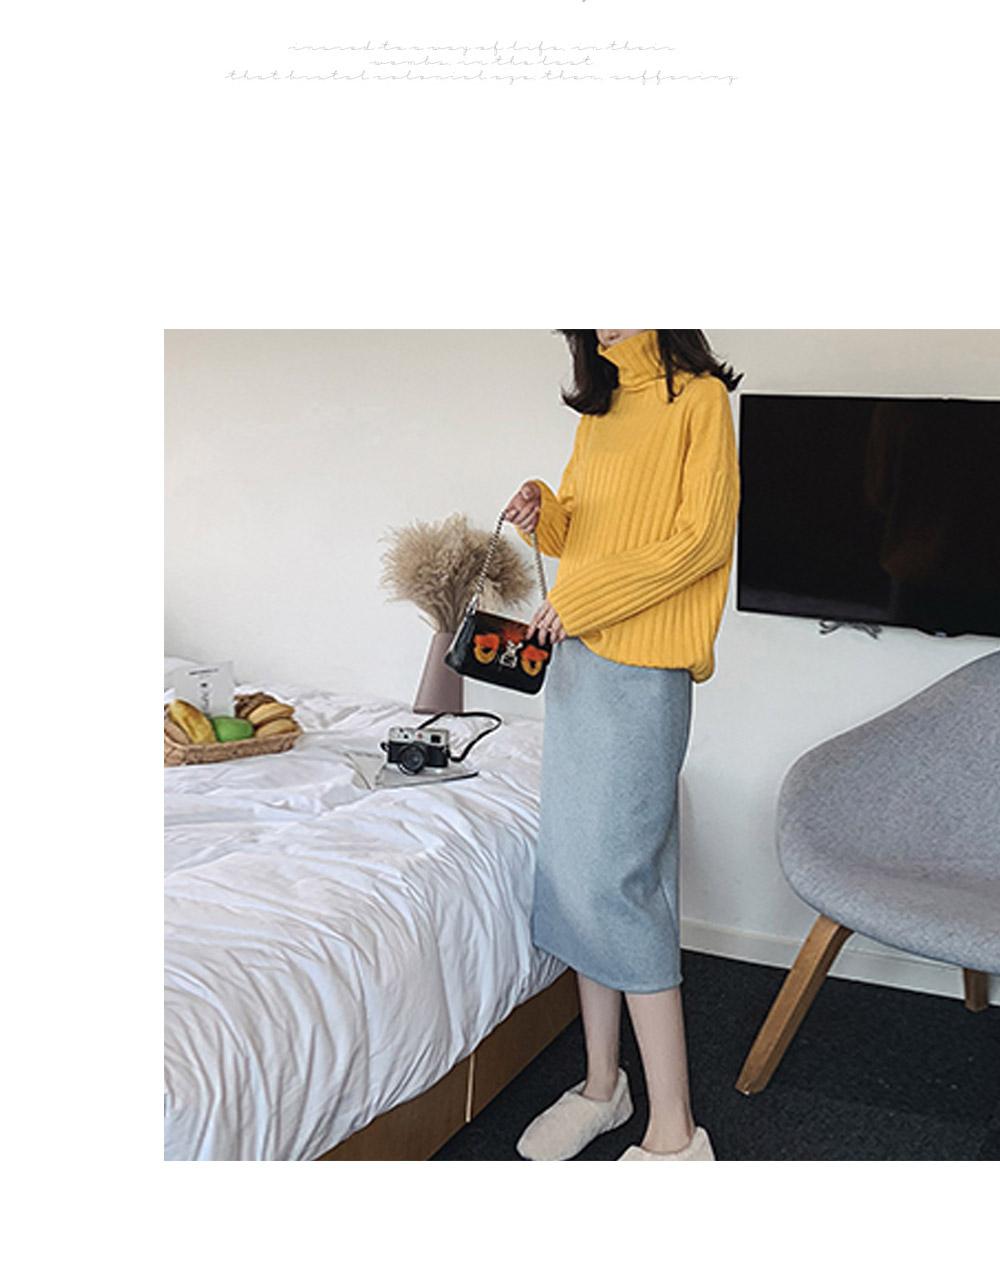 Duane Soft Corrugated Polarnit